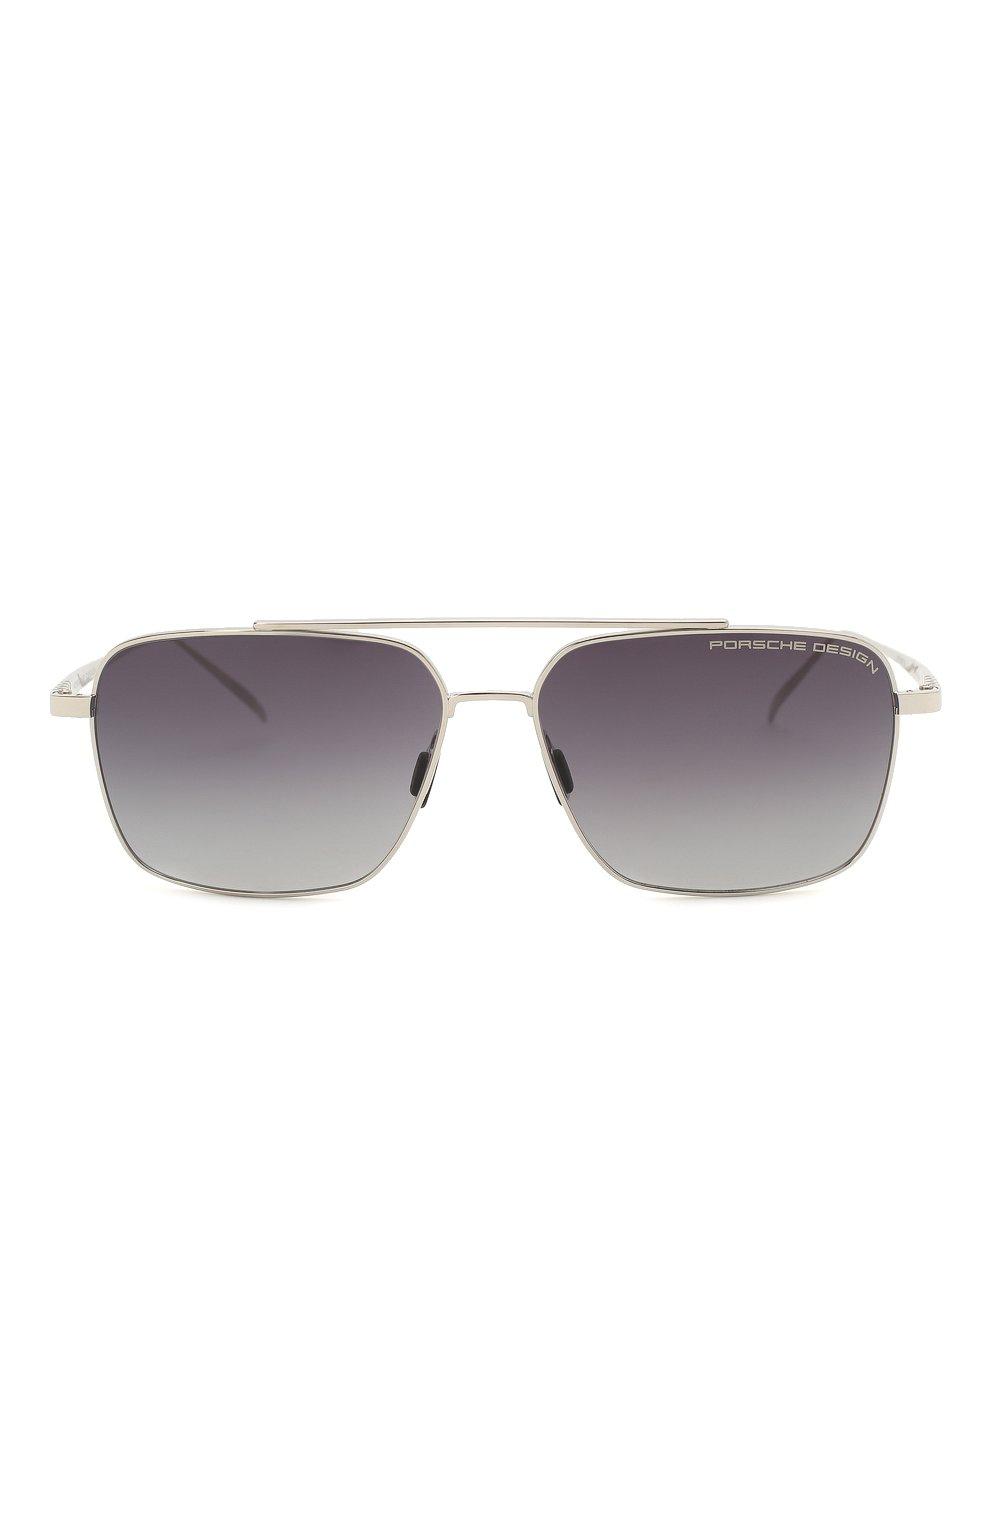 Мужские солнцезащитные очки PORSCHE DESIGN серебряного цвета, арт. 8679-C | Фото 3